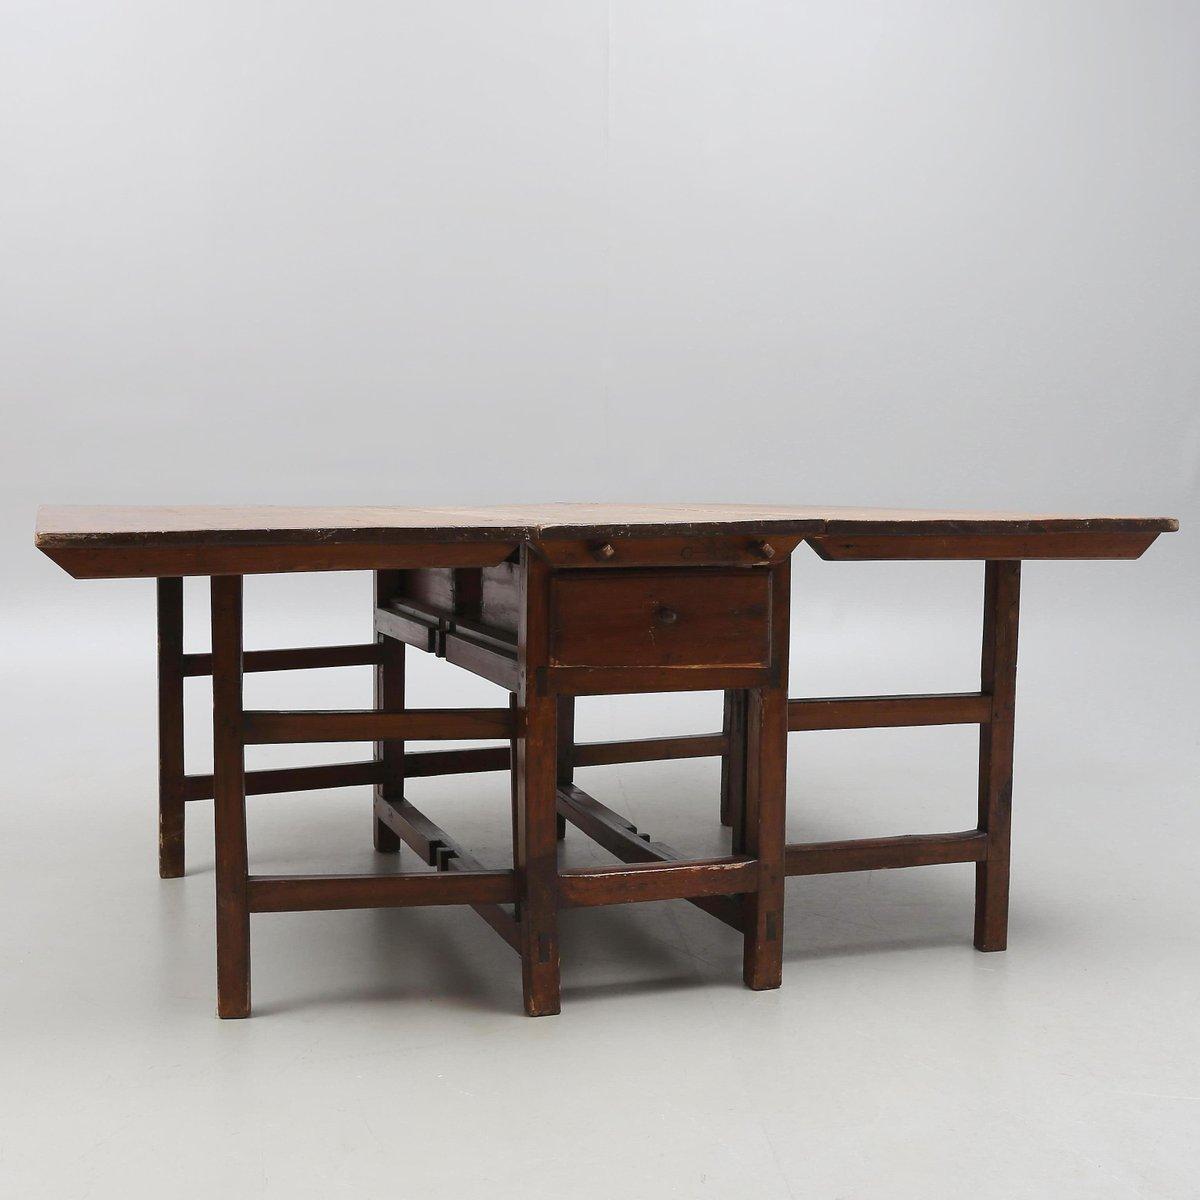 esszimmerset mit tisch und vier st hlen aus 18 jhdt bei pamono kaufen. Black Bedroom Furniture Sets. Home Design Ideas